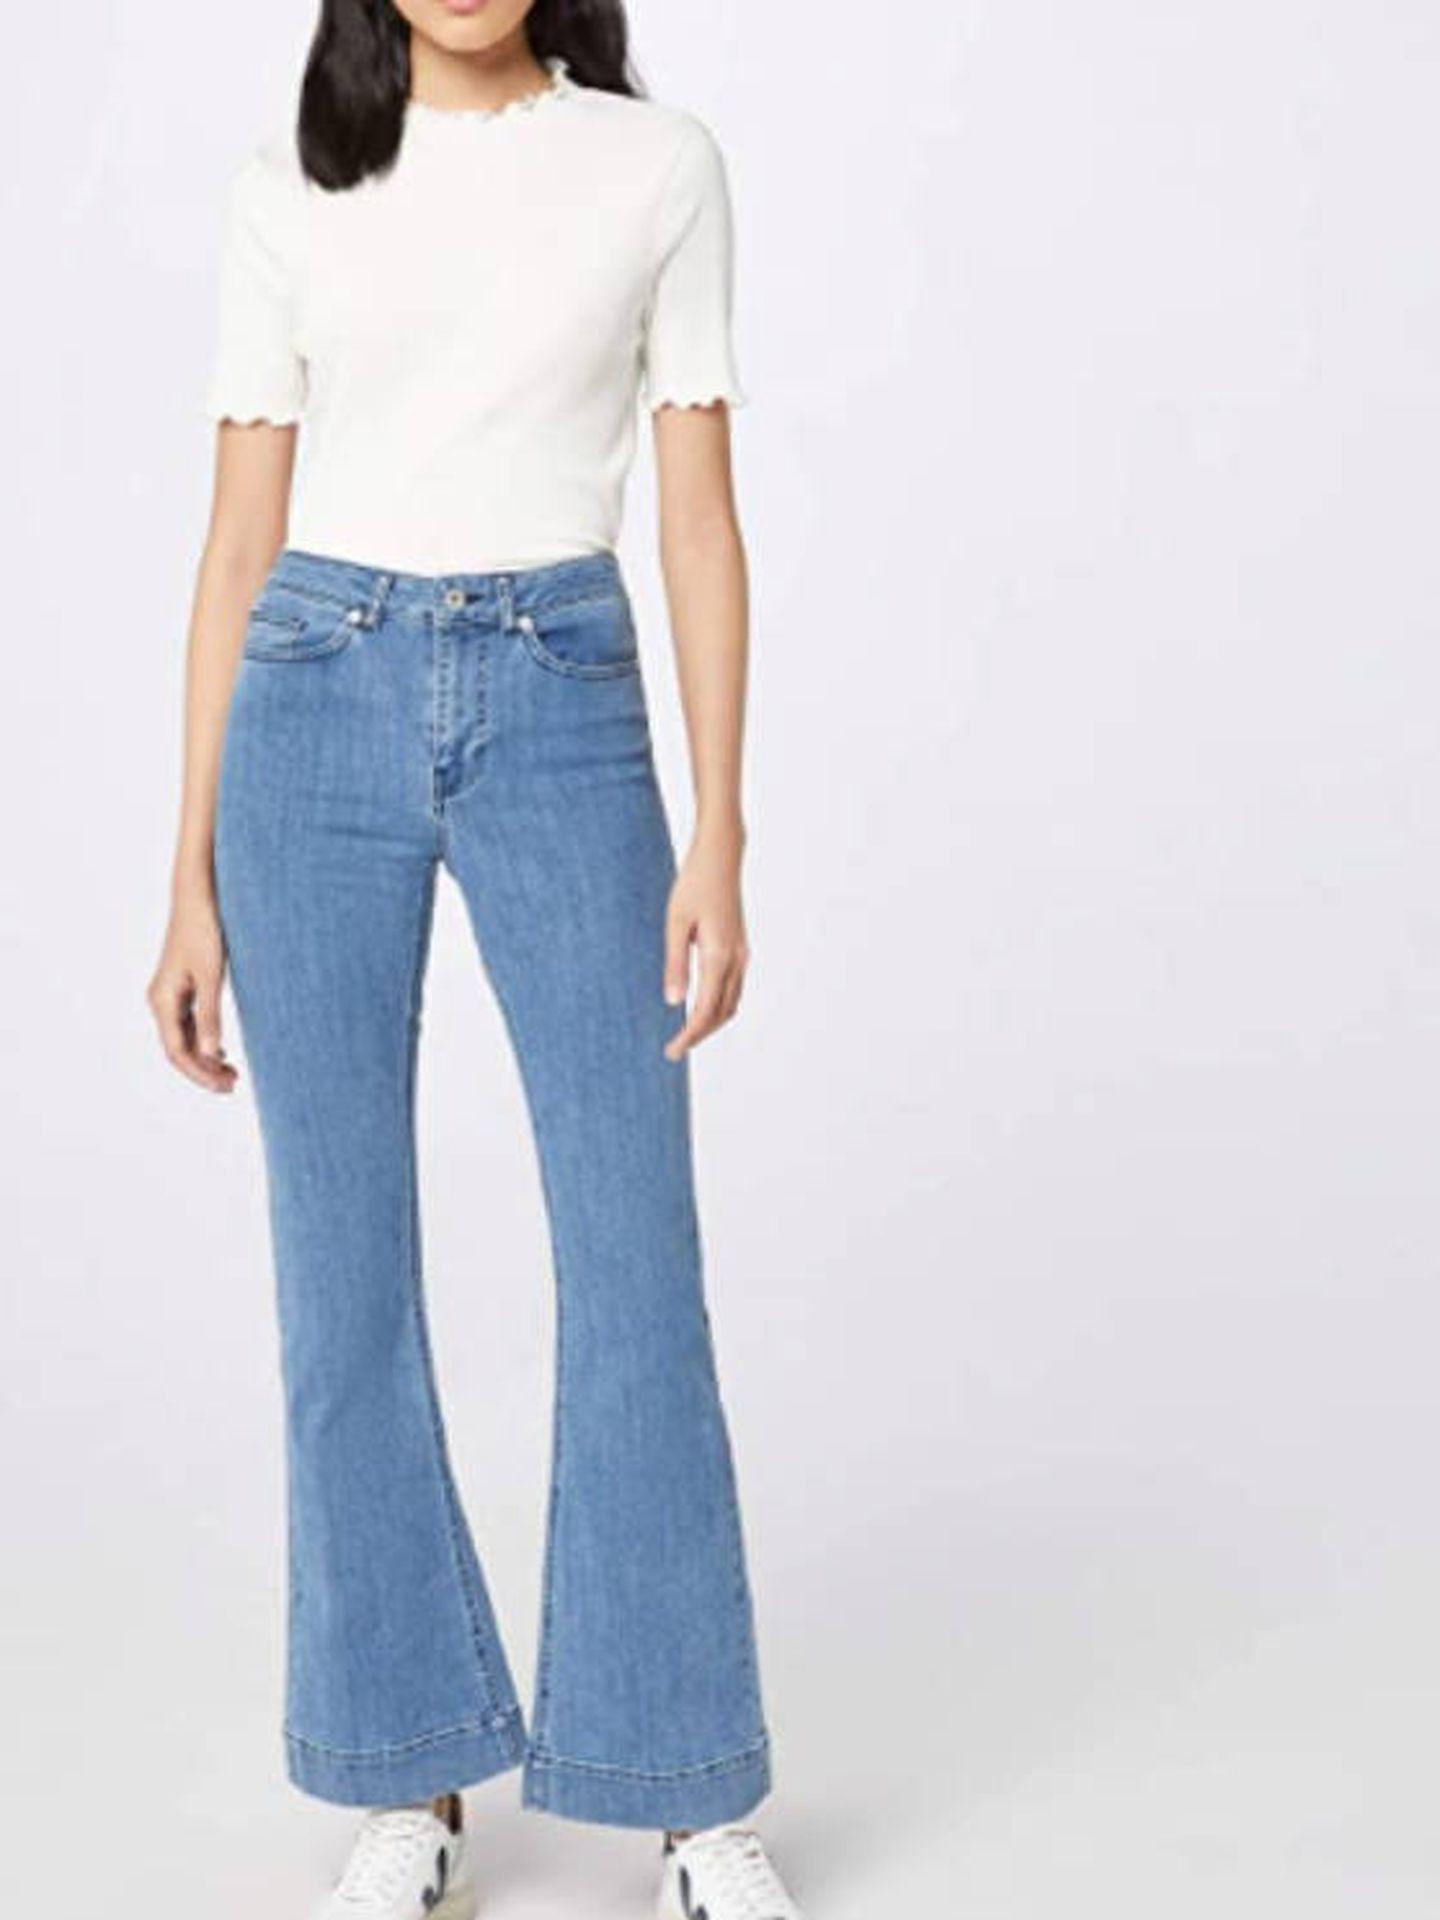 Jeans de Find. (Cortesía)